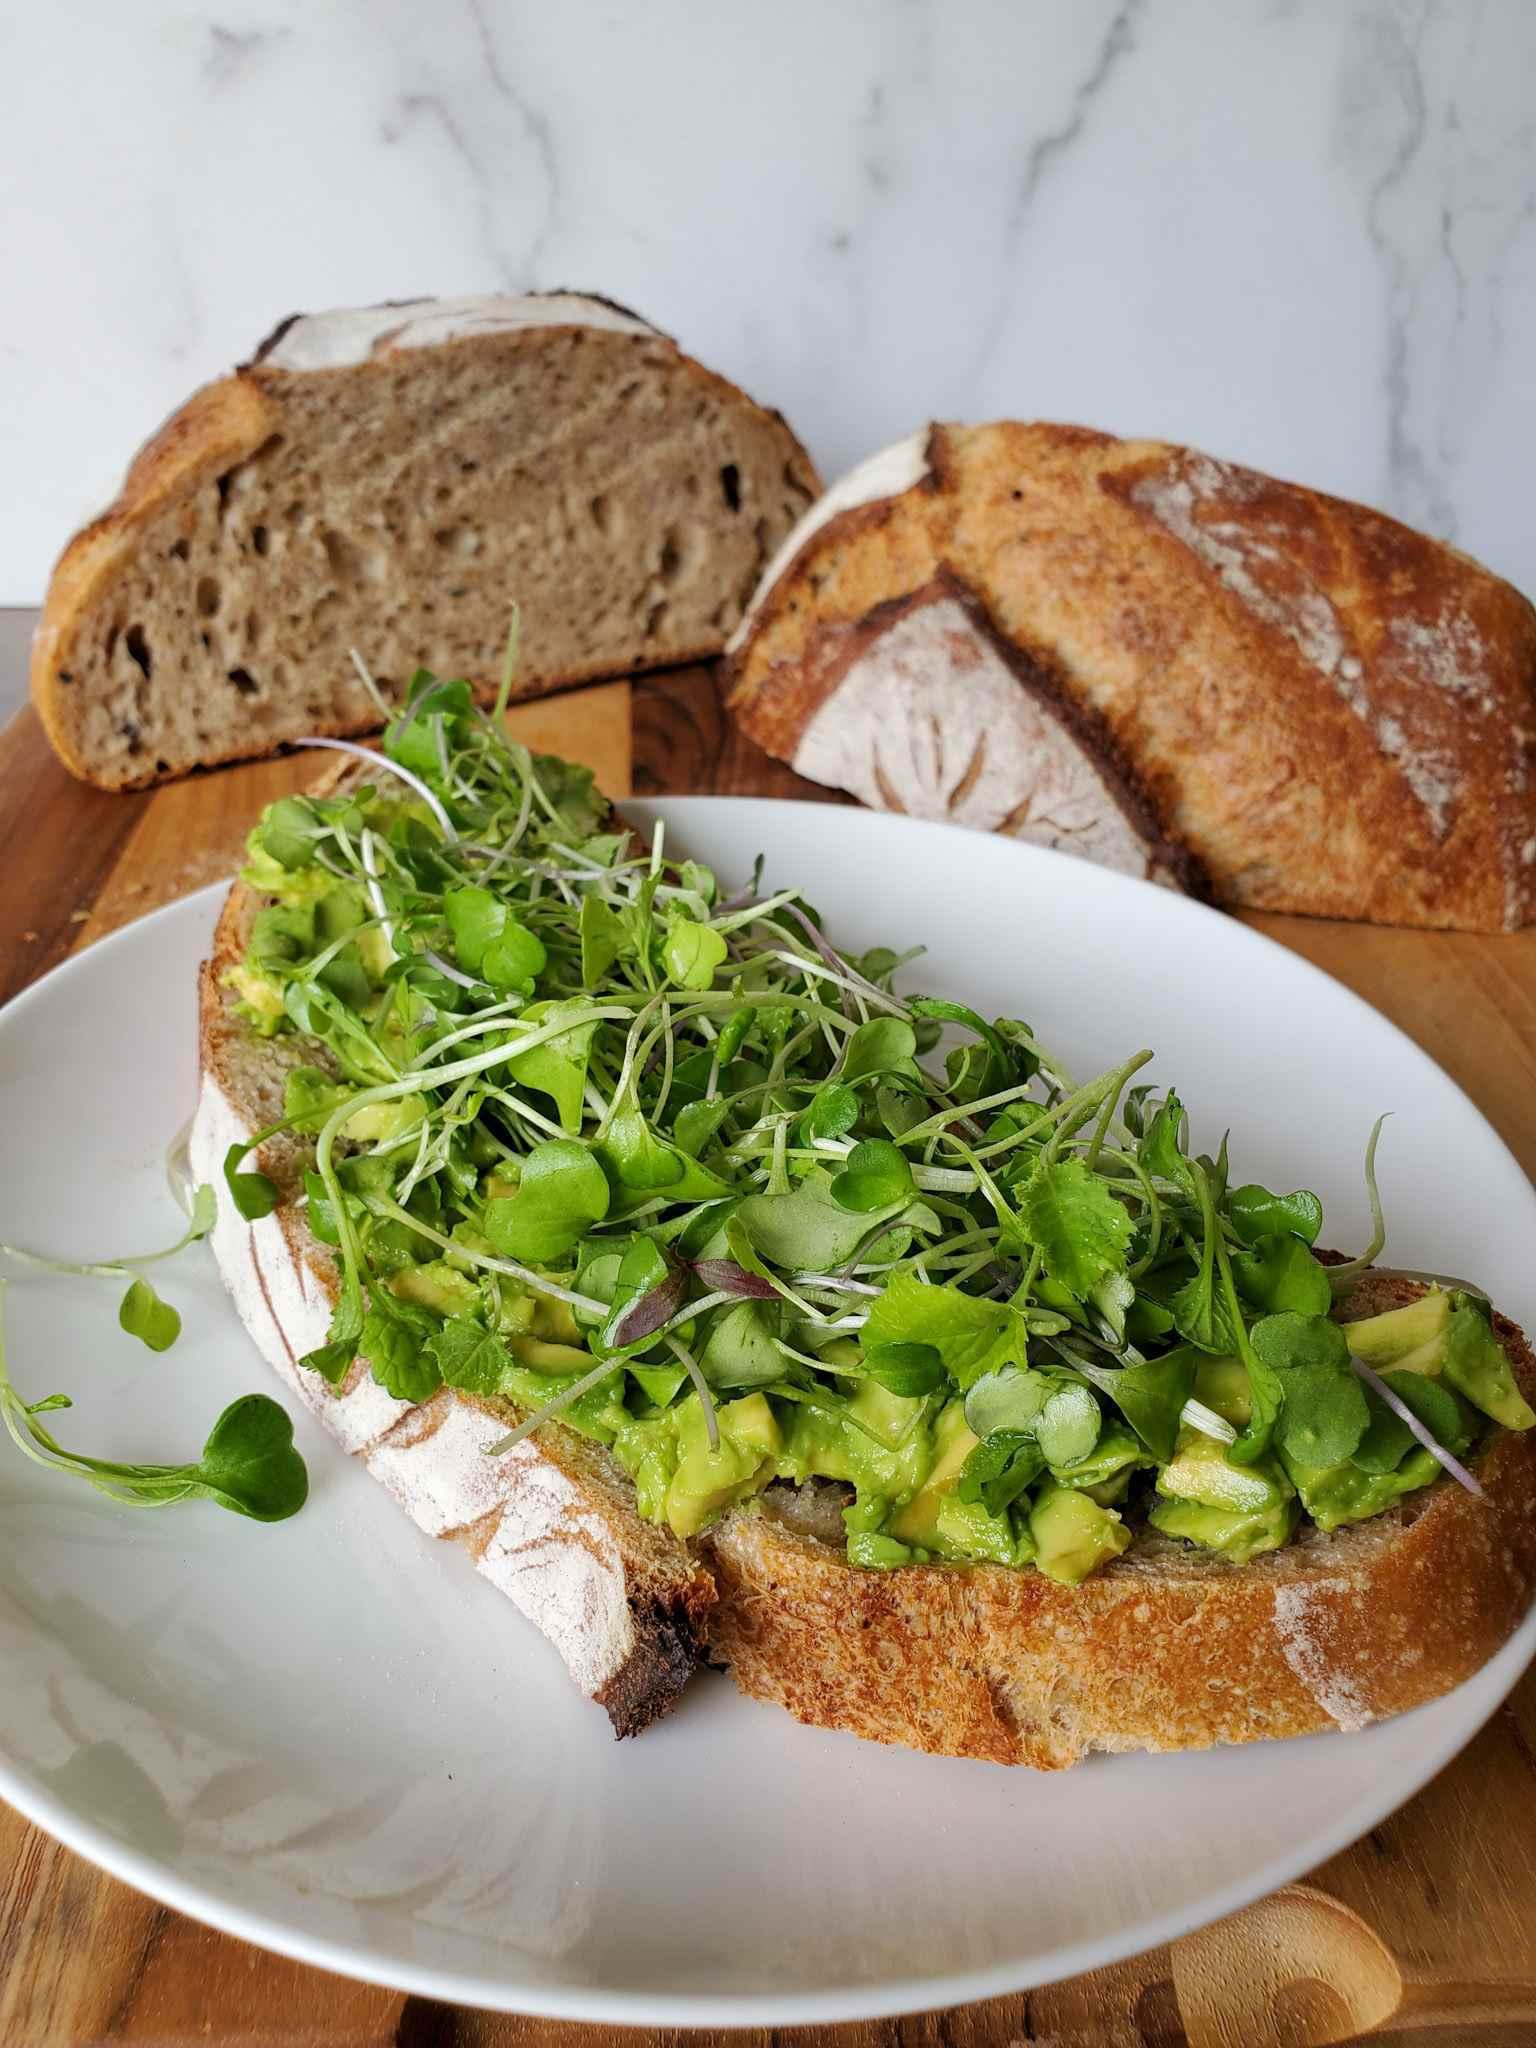 Une tranche de pain au levain est représentée sur une plaque en céramique blanche. Le pain a une couche d'avocat sur le fond avec un lit de micro-verts empilés sur le dessus. Il reste le pain restant. Coupé en deux et assis à l'arrière-plan derrière la collation en vedette.